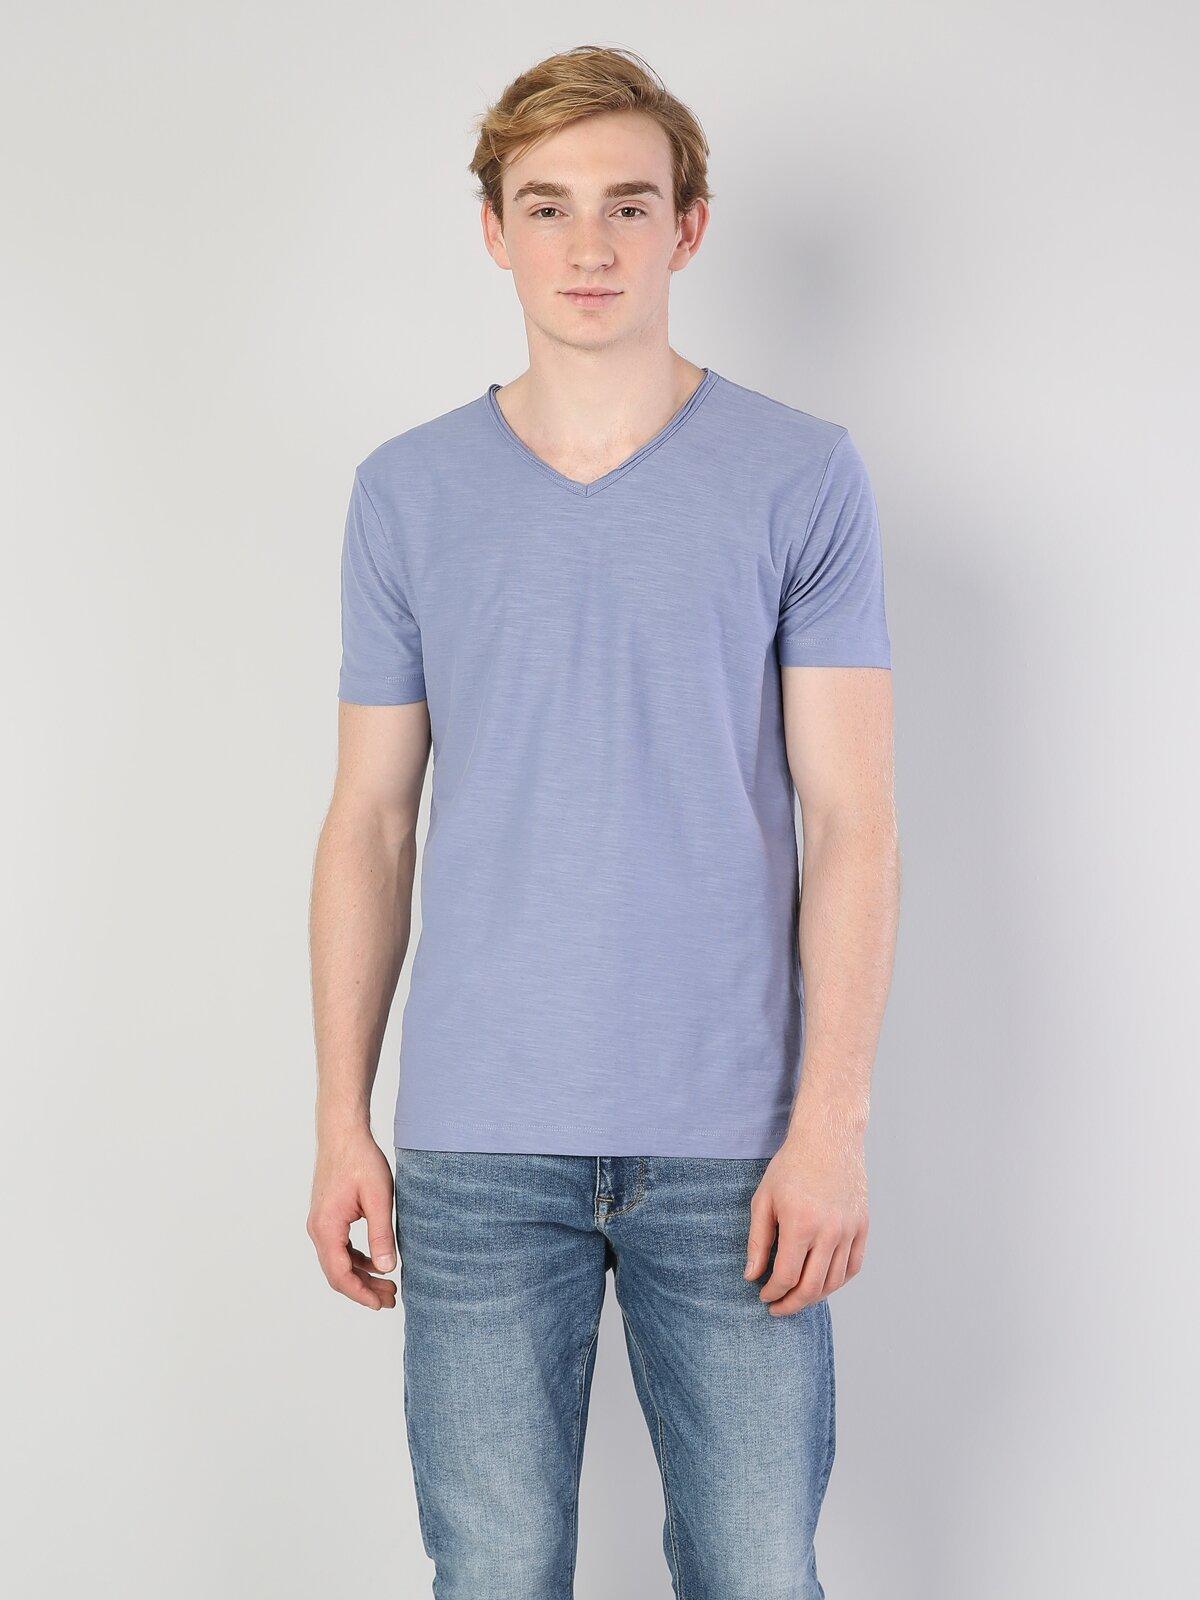 Mor V Yaka Erkek Kısa Kol Tişört